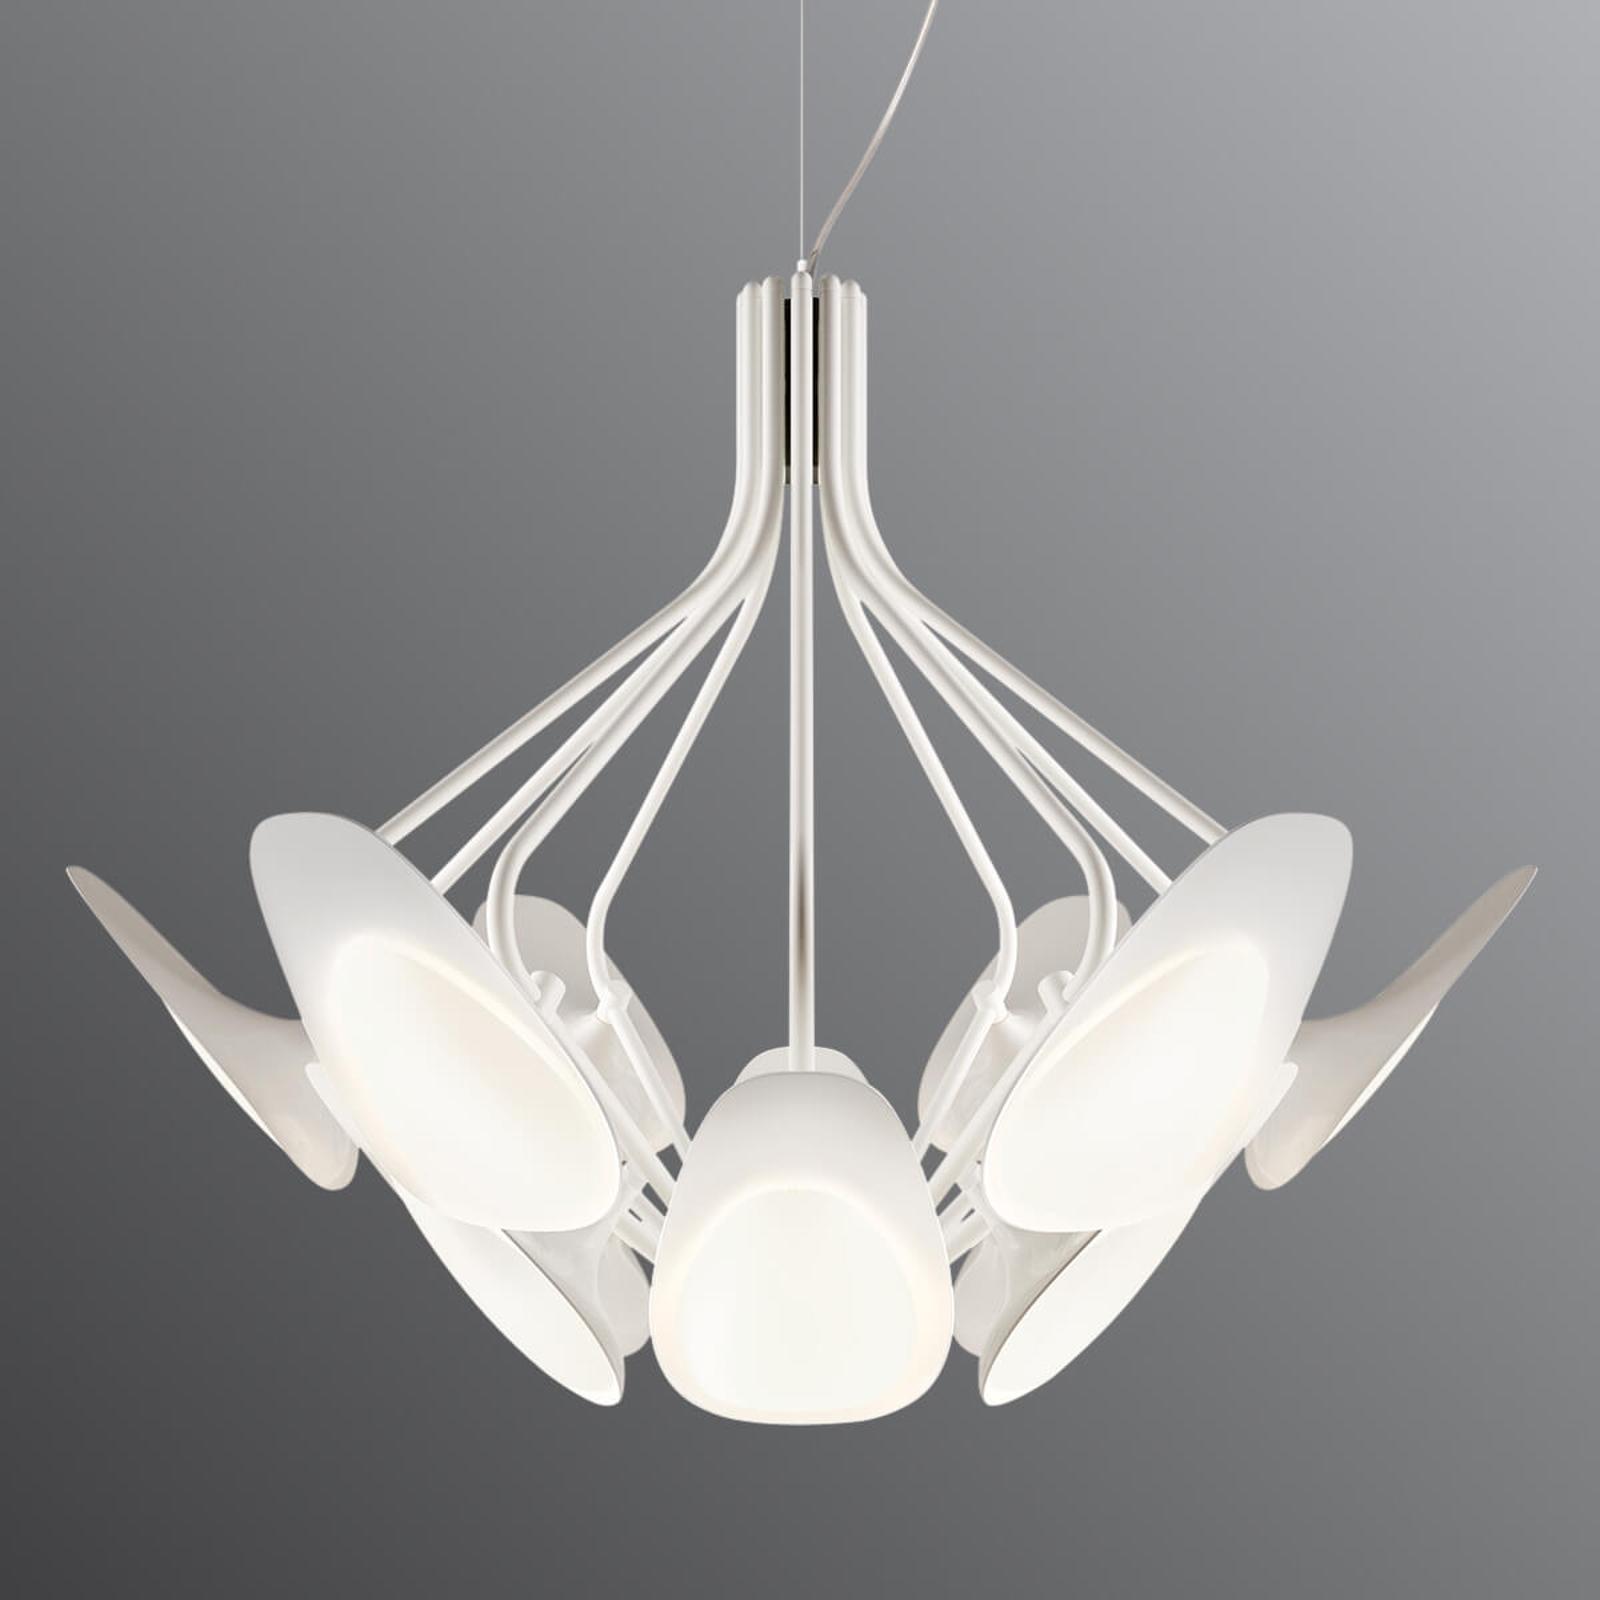 LED-hengelampe Peacock, hvit, tolv lys